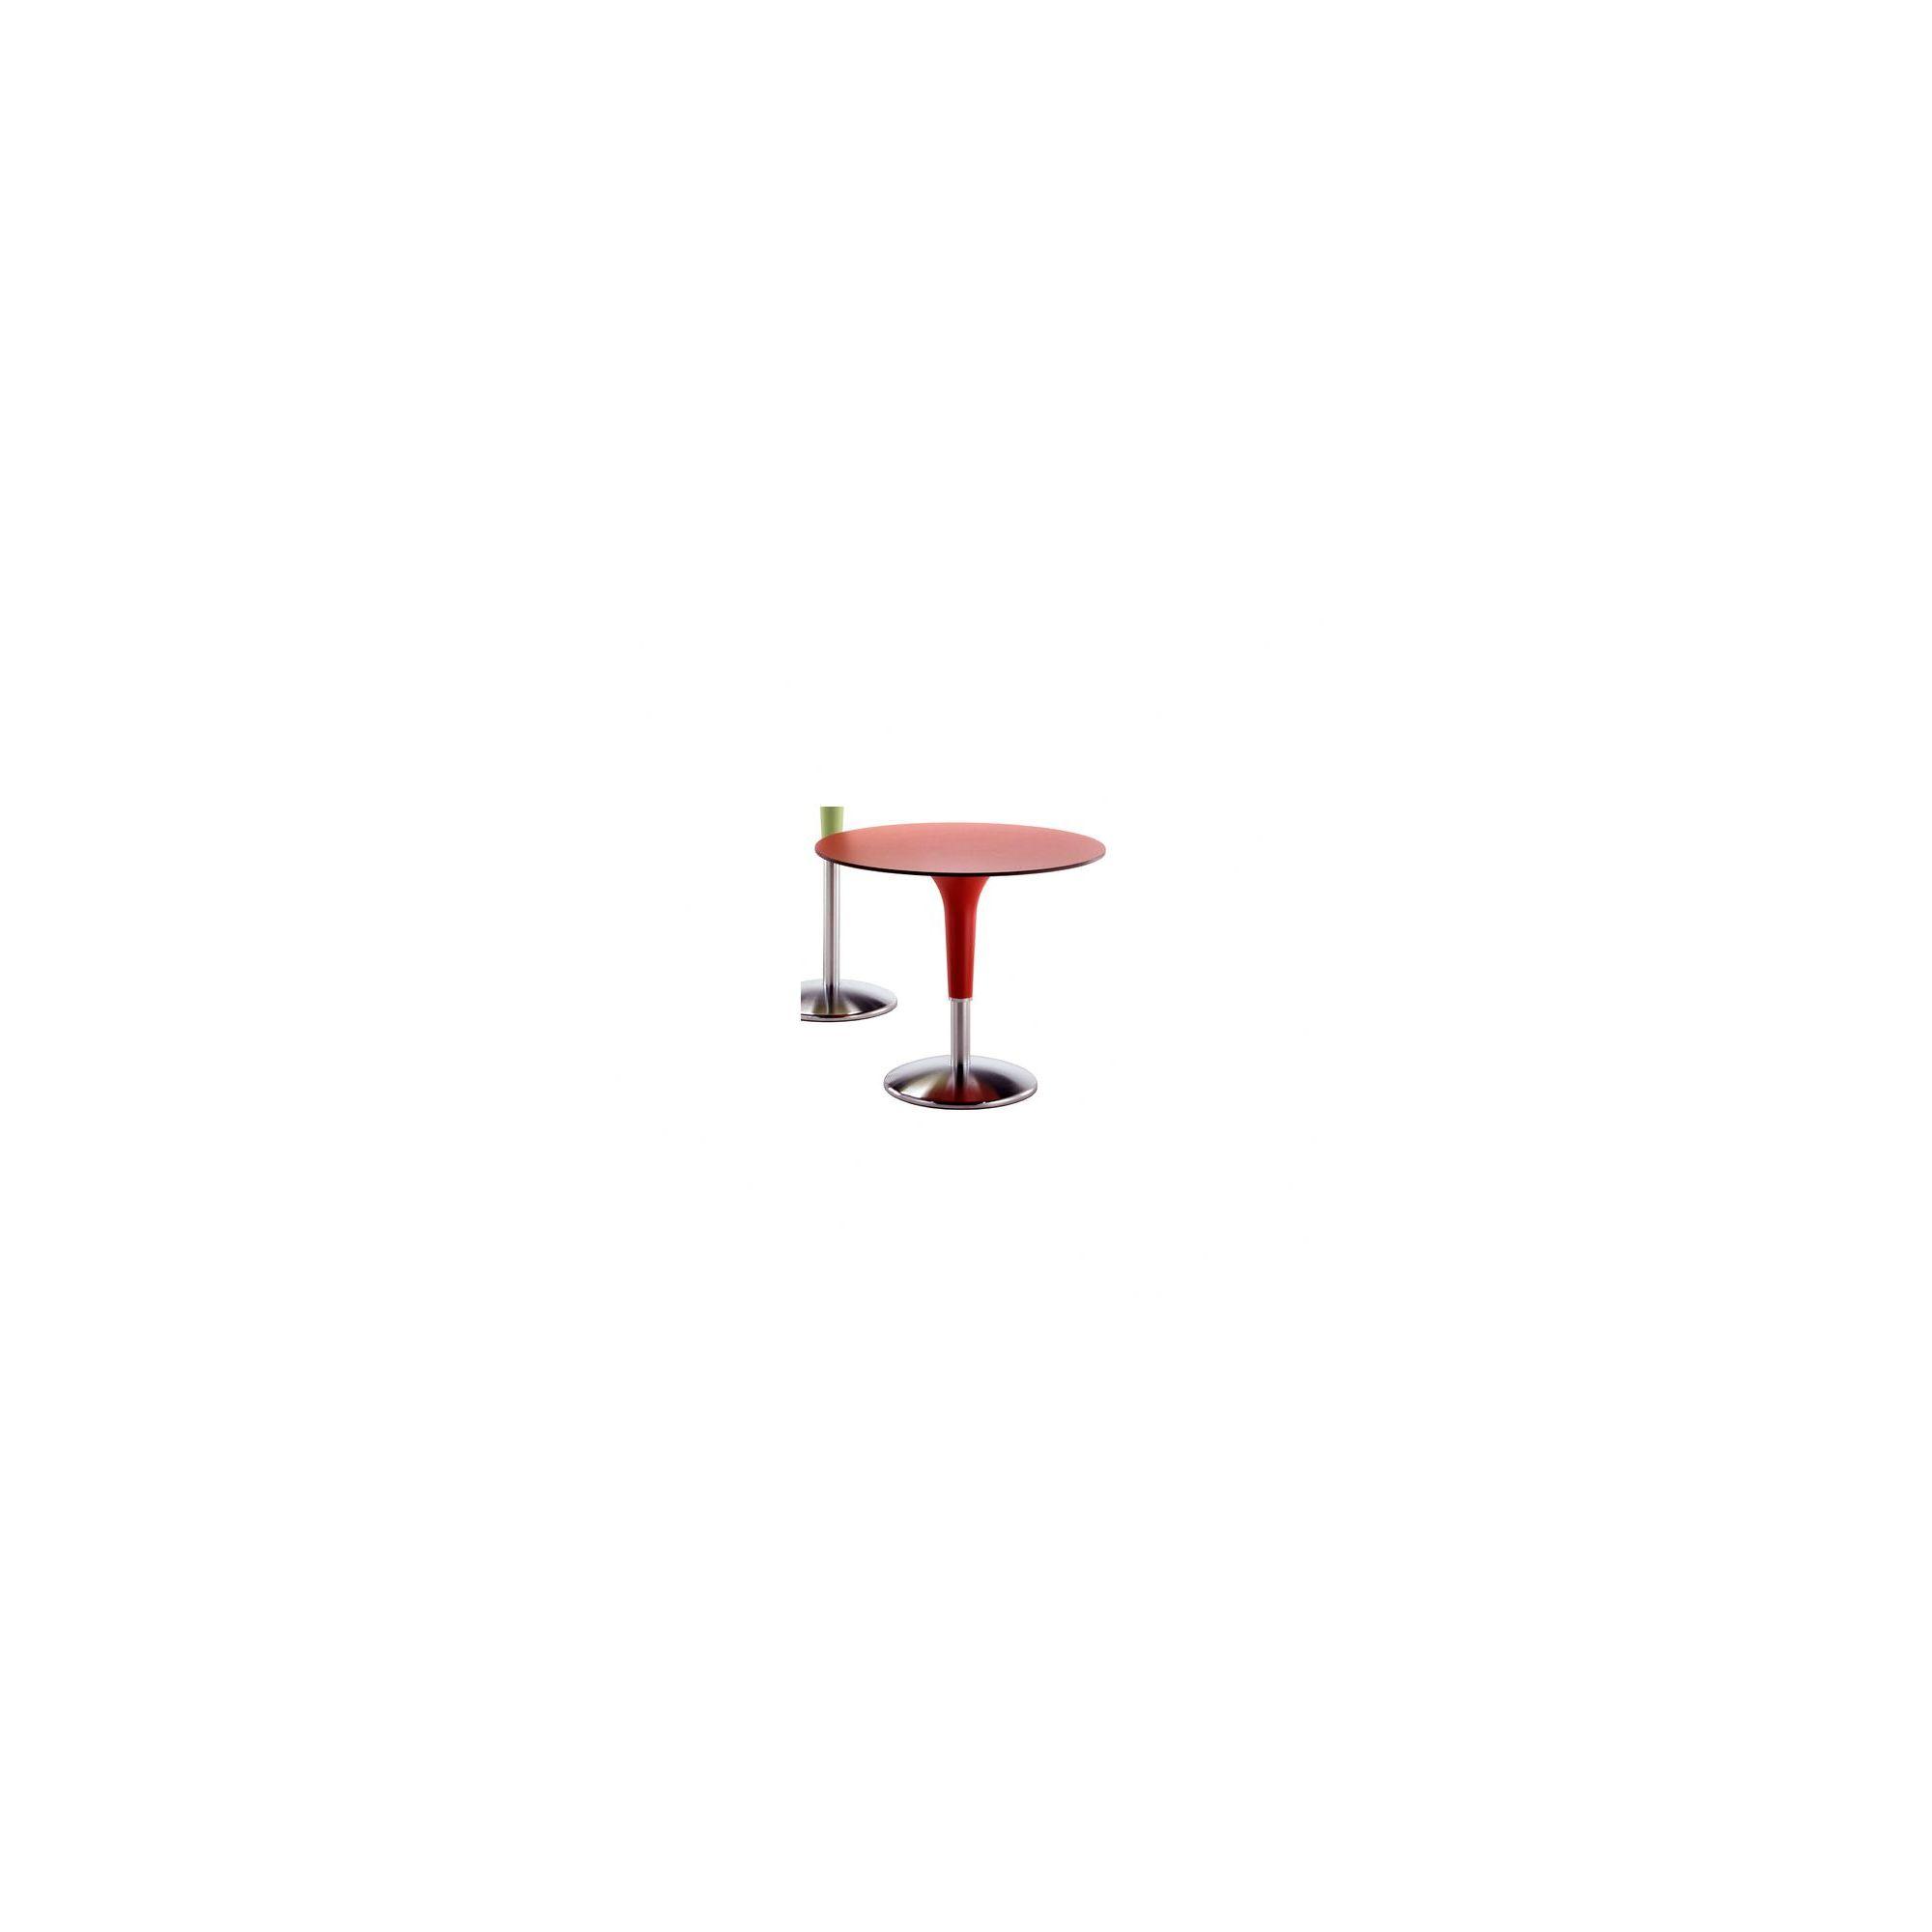 Rexite Zanziplano Round Coffee Table - 60cm x 75cm - White at Tesco Direct